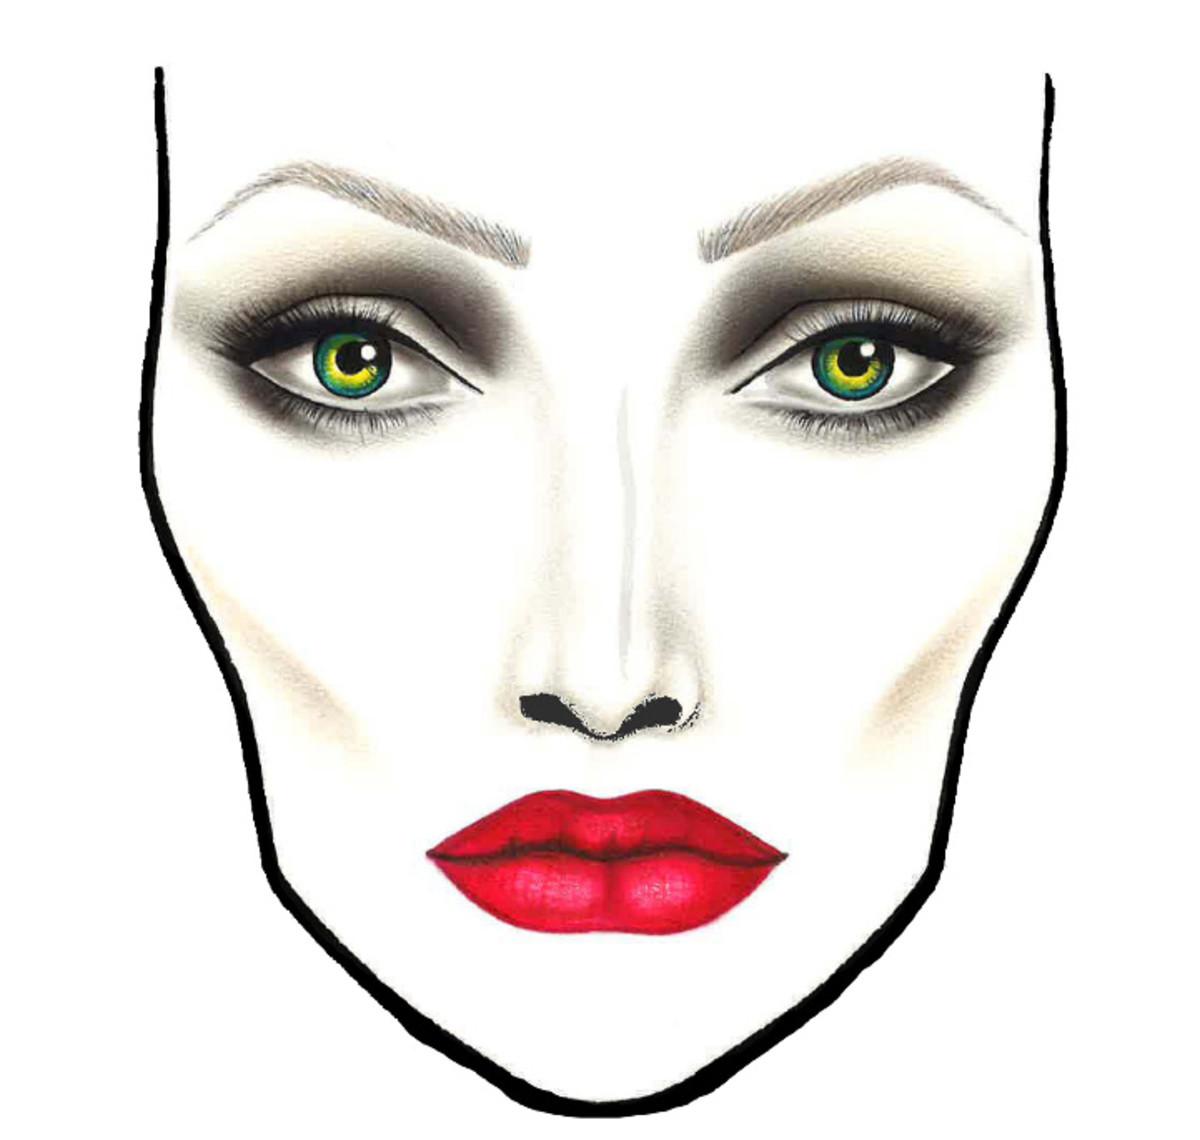 Макет лица для макияжа на бумаге